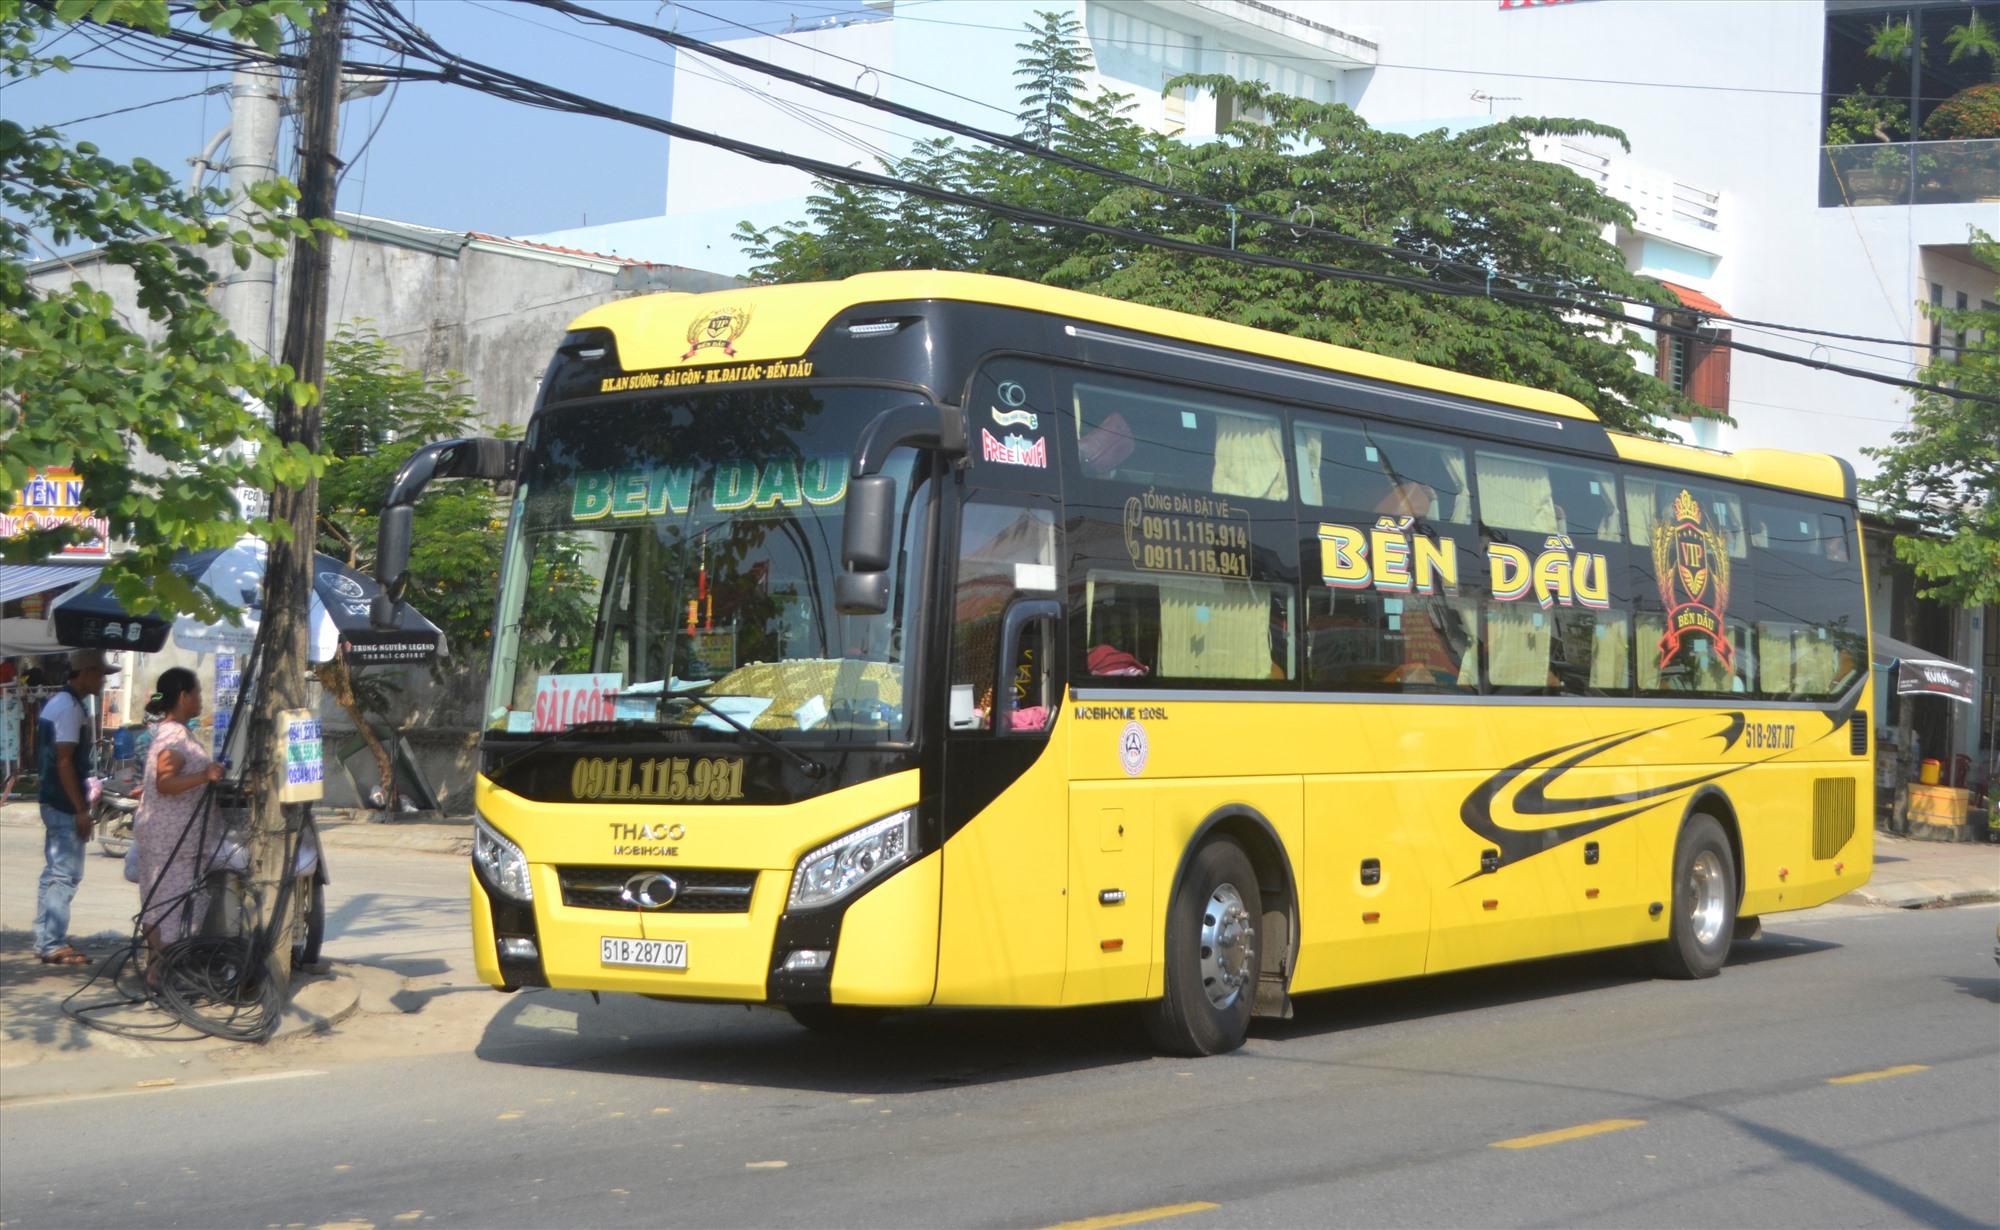 Xe vận tải khách liên tỉnh Quảng Nam-TP.Hồ Chí Minh đón khách đi TP.Hồ Chí Minh trưa nay 3.5. Ảnh: Ct